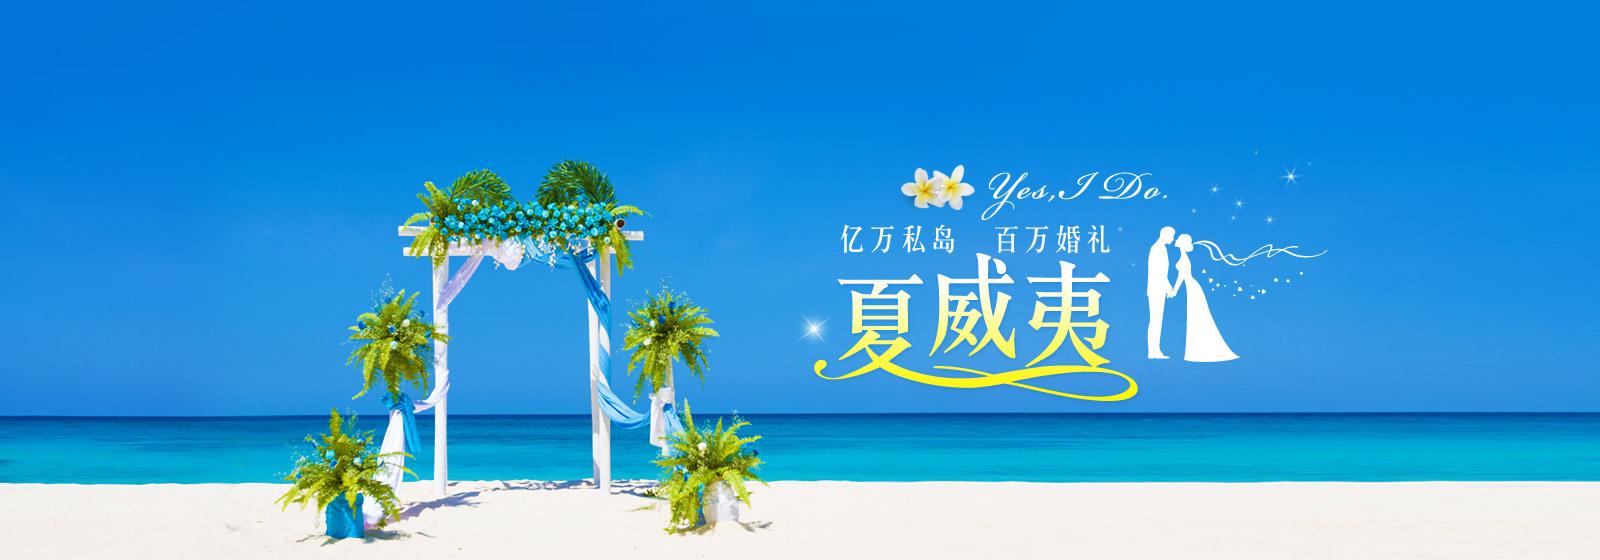 夏威夷_亿万私岛百万新娘